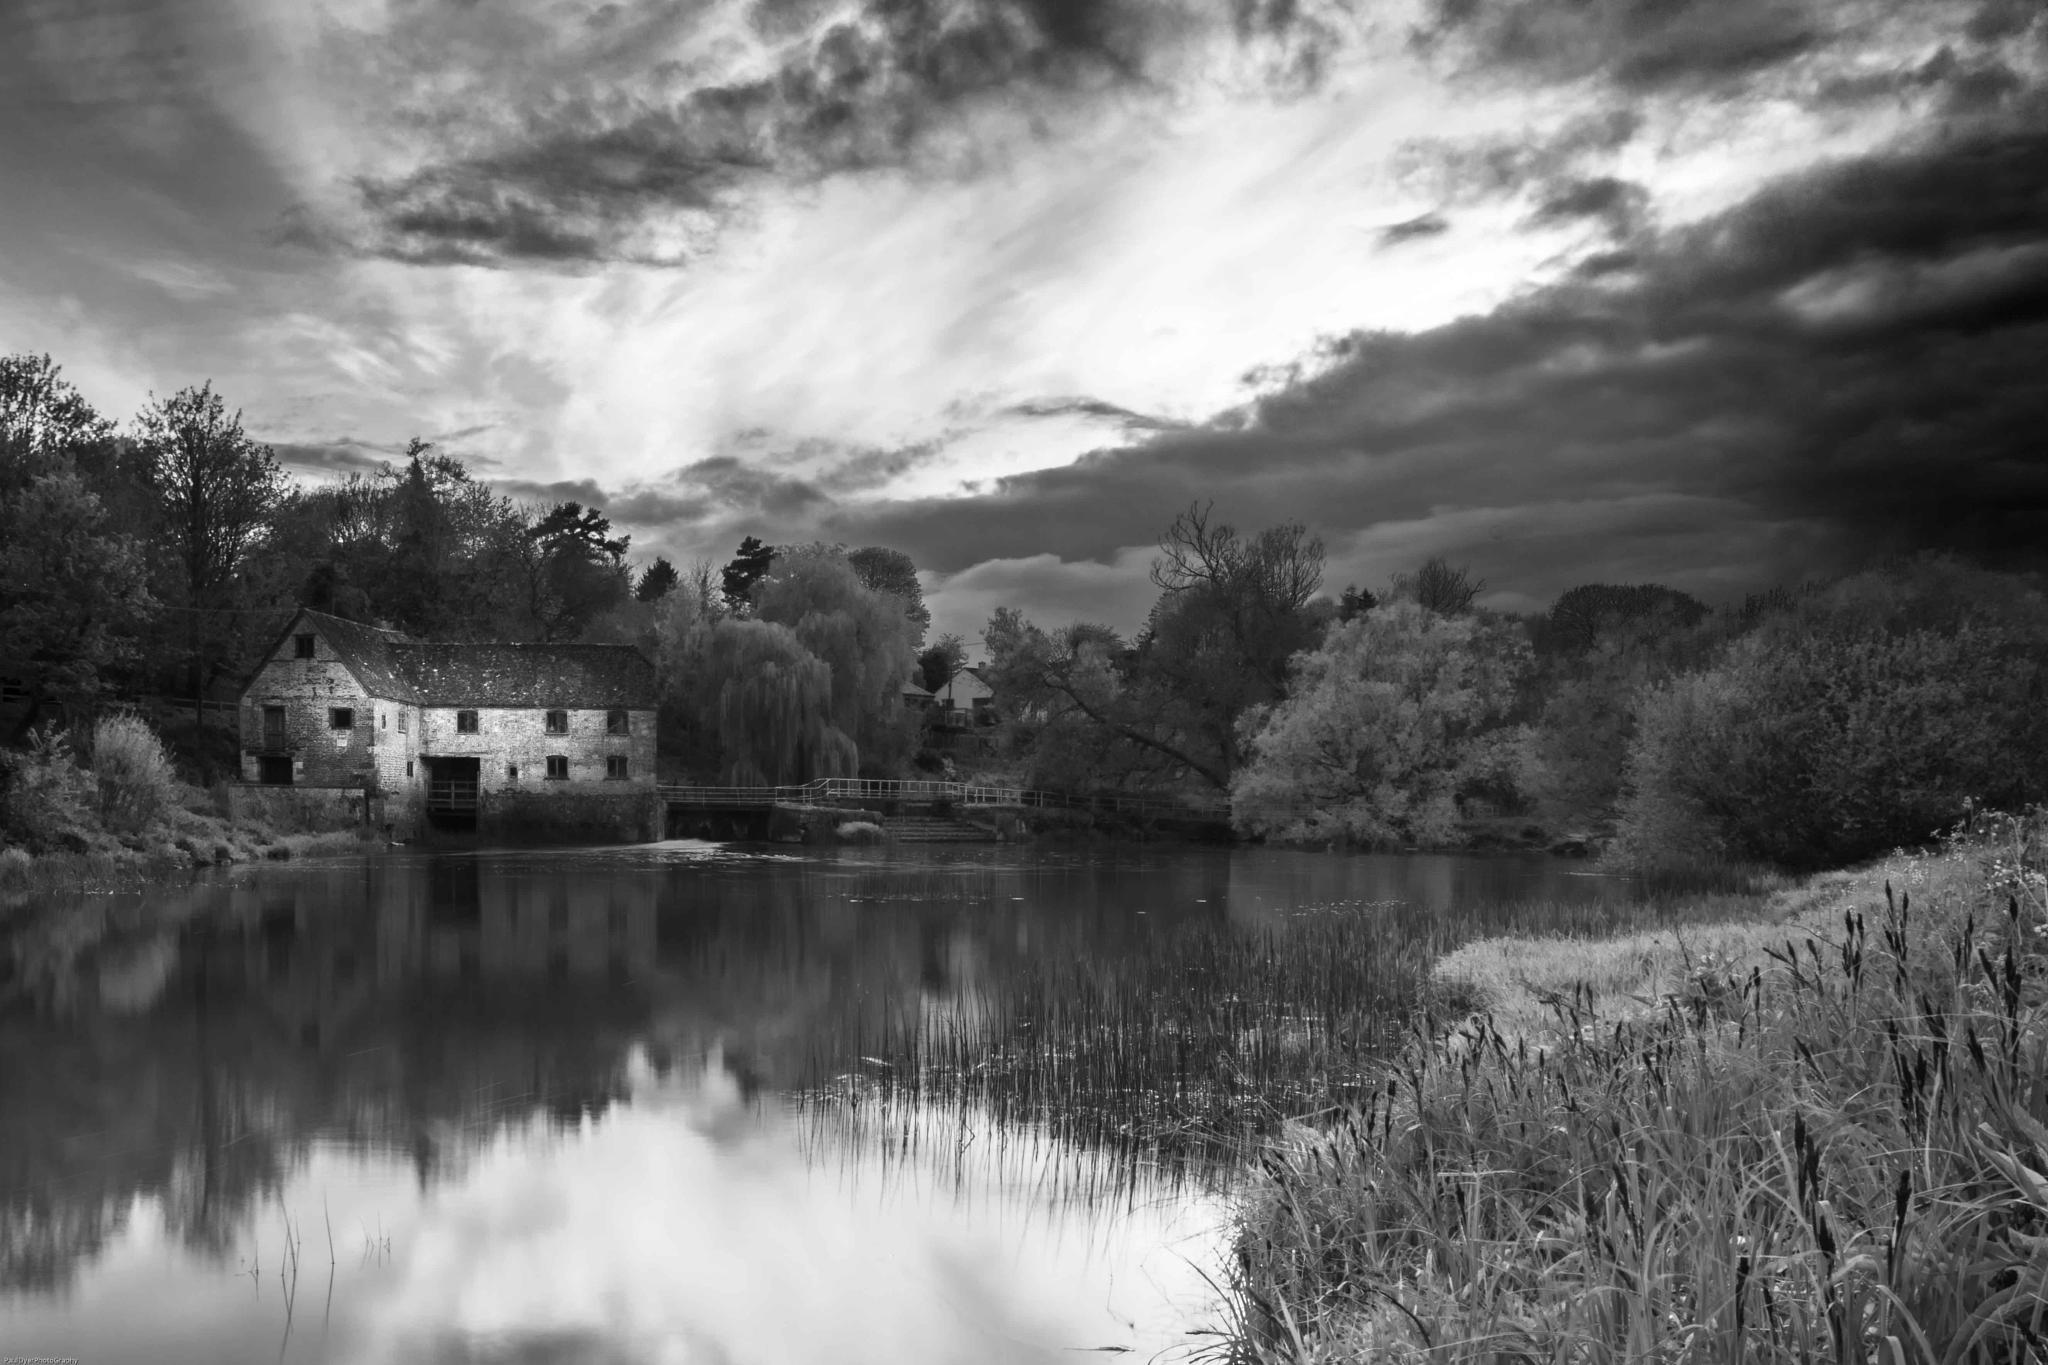 Sturminster Mill by Paul Dyer